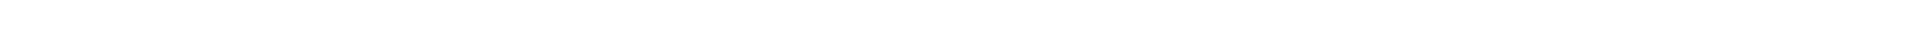 Assainissement Féas, Assainissement Mauléon, Assainissement Oloron, Débouchage de canalisation Féas, Débouchage de canalisation Mauléon, Débouchage de canalisation Oloron, Entretien station d'épuration Féas, Entretien station d'épuration Mauléon, Entretien station d'épuration Oloron, Location de WC Féas, Location de WC Mauléon, Location de WC Oloron, Vidange fosse septique Féas, Vidange fosse septique Mauléon, Vidange fosse septique Oloron